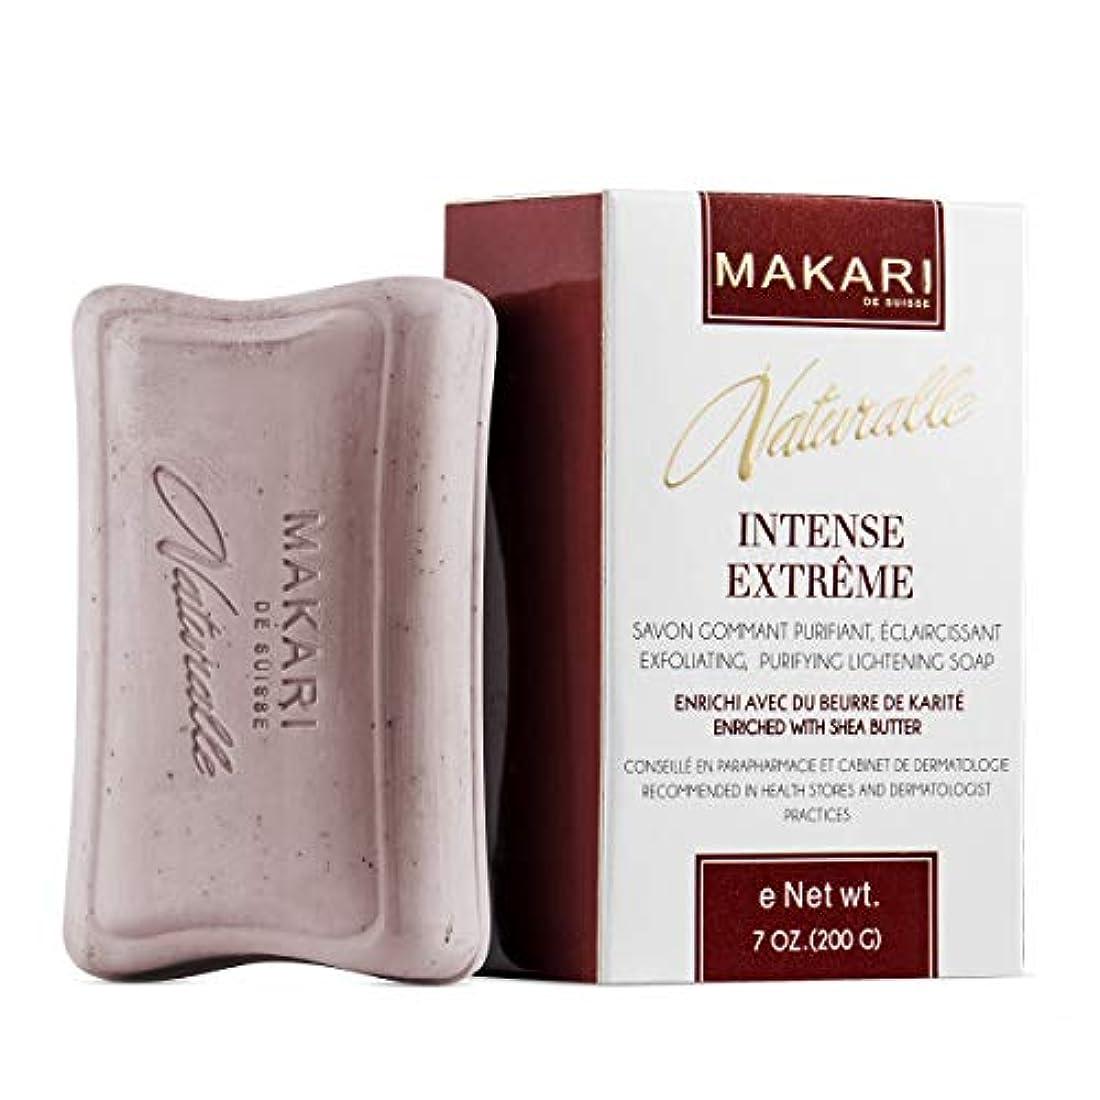 接続詞好きである霧深いMAKARI ナチュラーレ 集中強力美白ソープ 200g(7オンス)シアバター配合の角質除去&浄化&美白石鹸 SPF15 シミ、ニキビ跡、シワのためのアンチエイジングクレンジングトリートメント